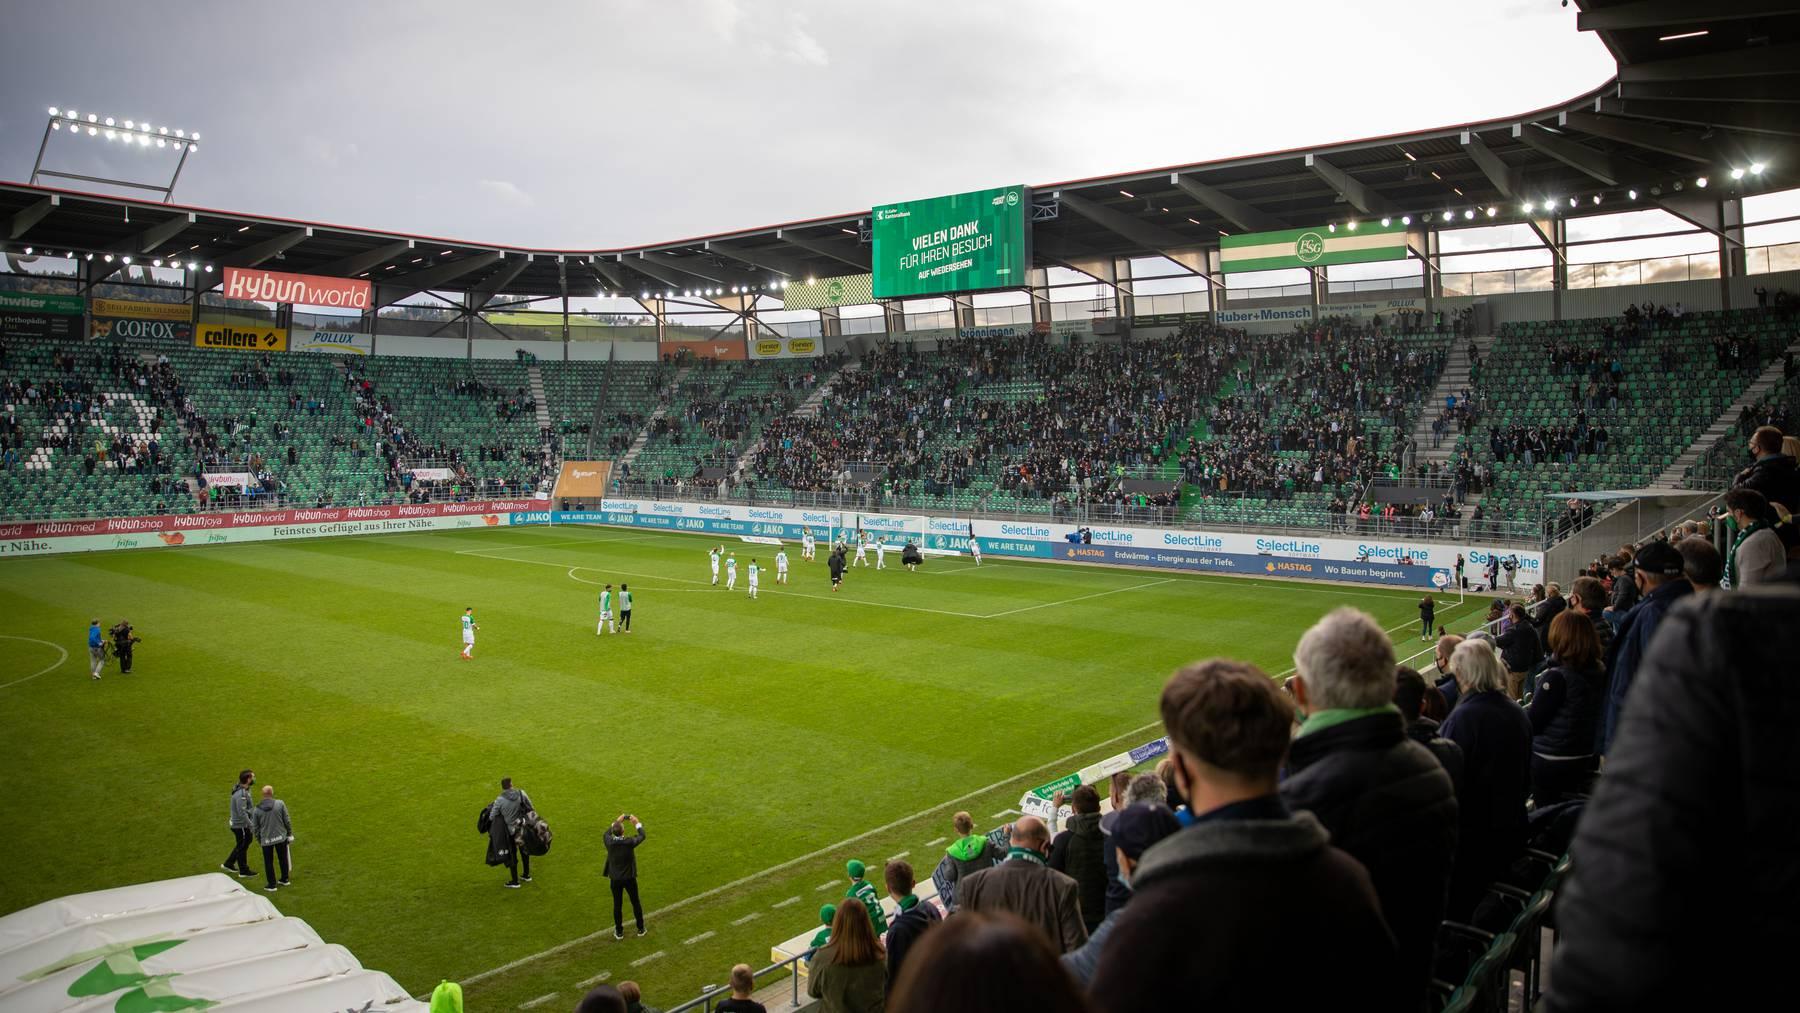 Für einen Besuch im Kybunpark braucht es ein Covid-Zertifikat. Fans können sich vor dem Stadion testen lassen – wohl auch während der Meisterschaft.